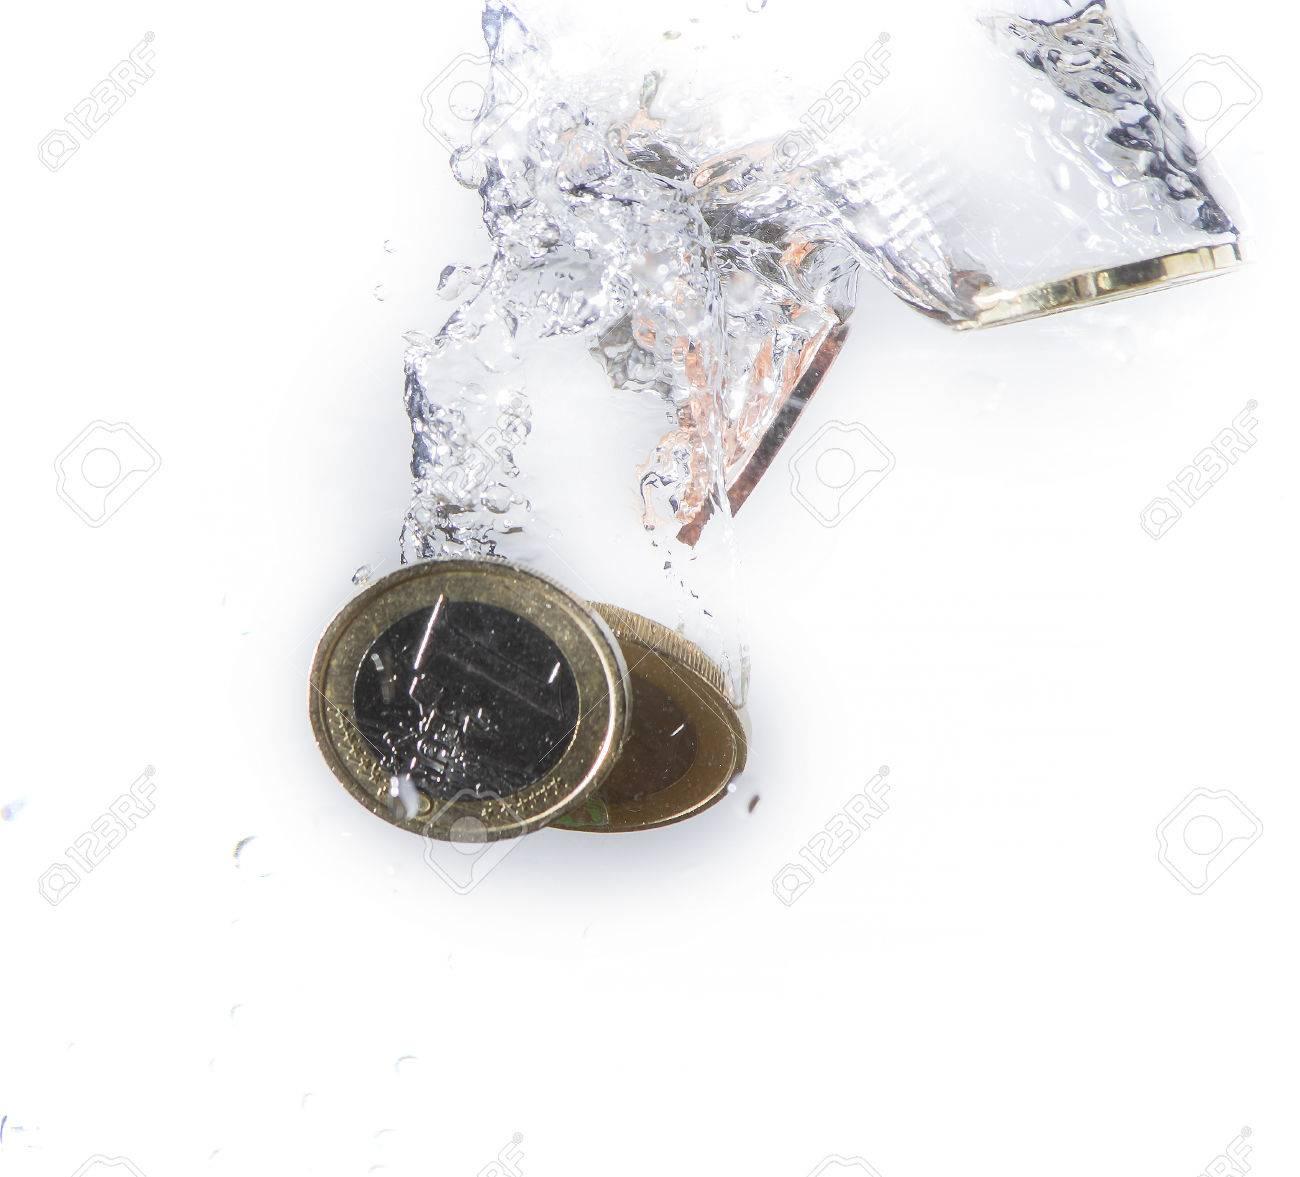 Münzen Des Euro Waschbecken Im Wasser Lizenzfreie Fotos Bilder Und